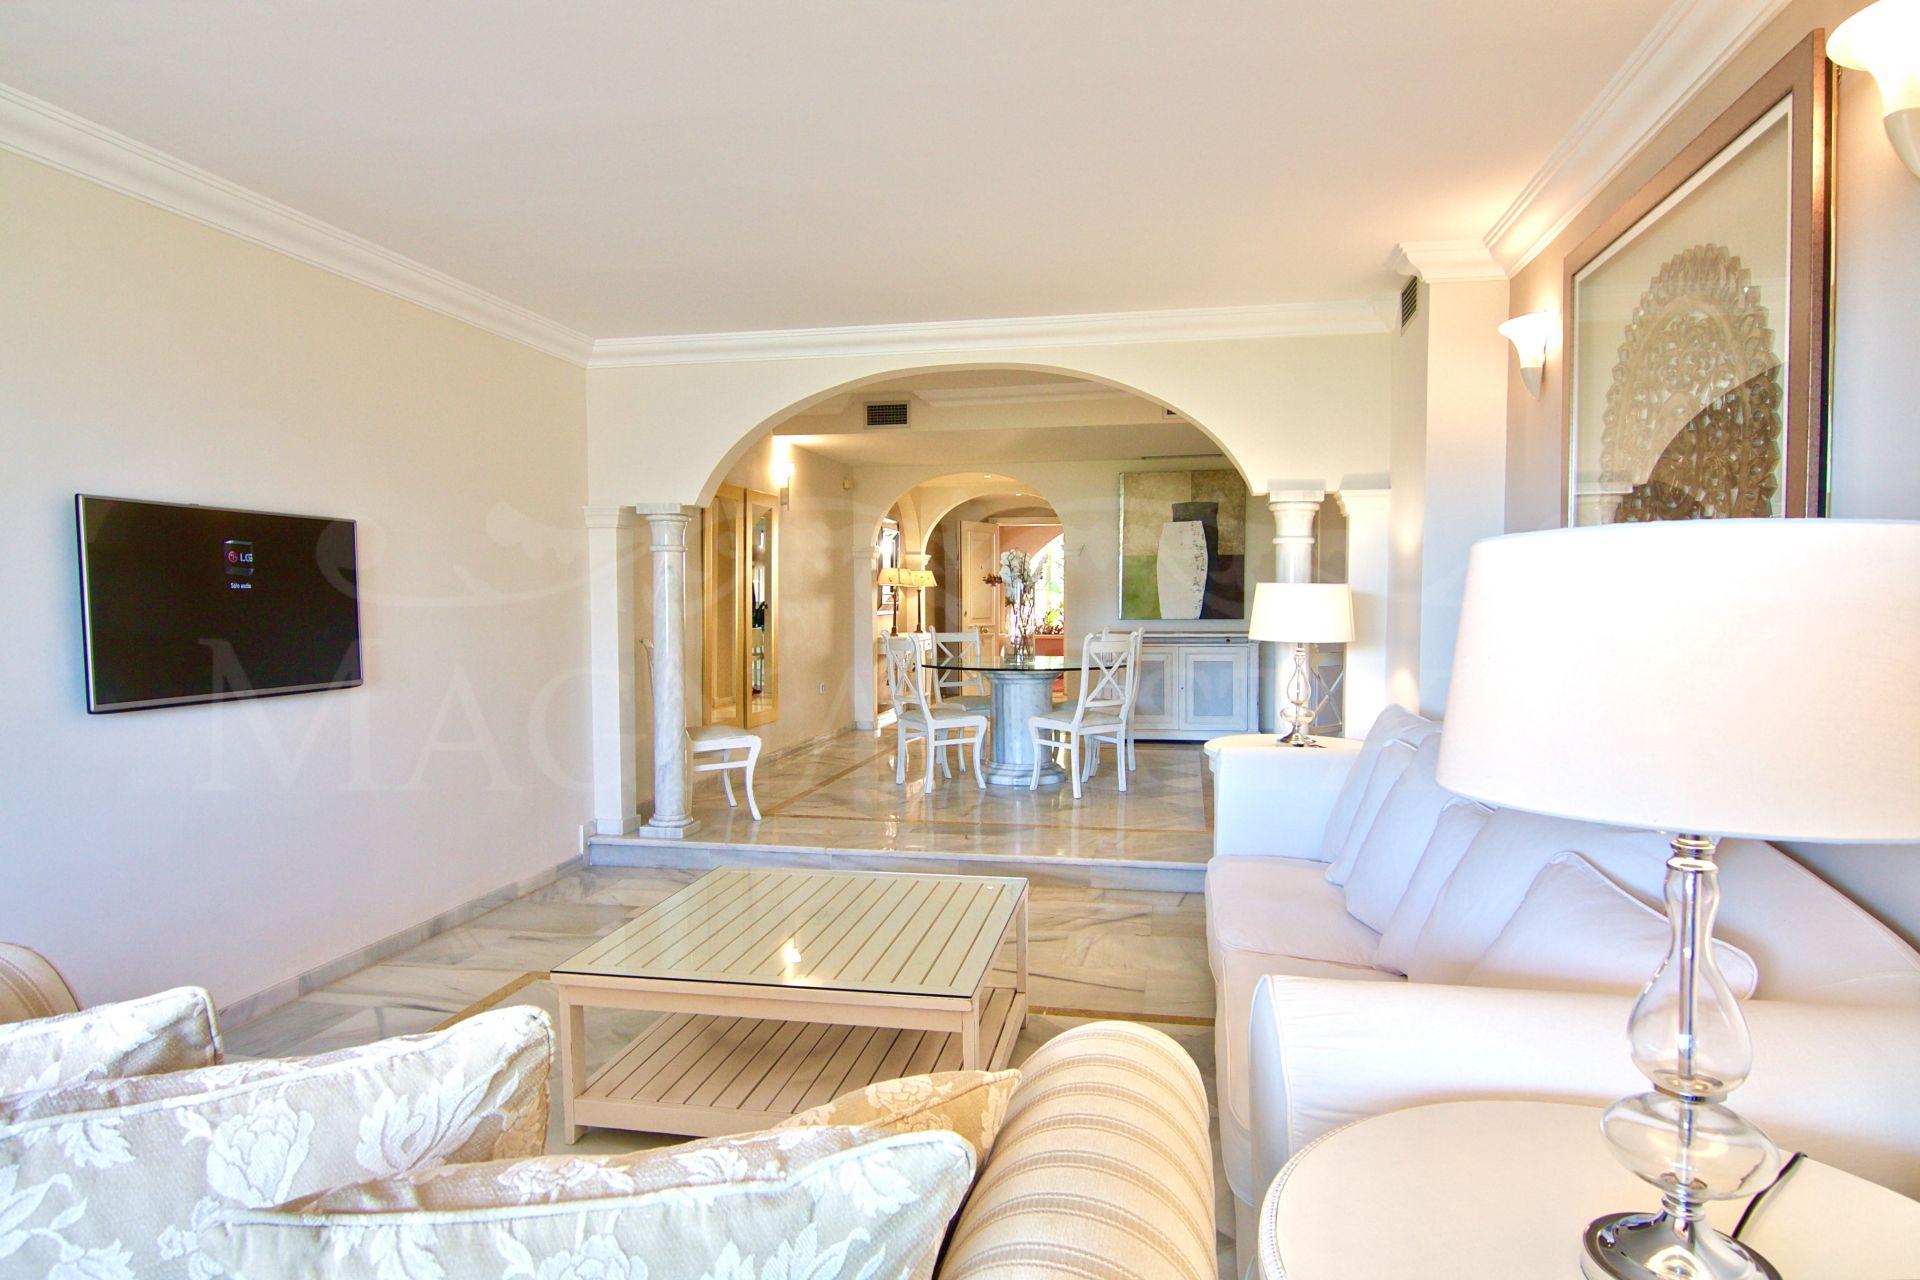 Amplio apartamento de 2 dormitorios en alquiler larga temporada en Magna Marbella